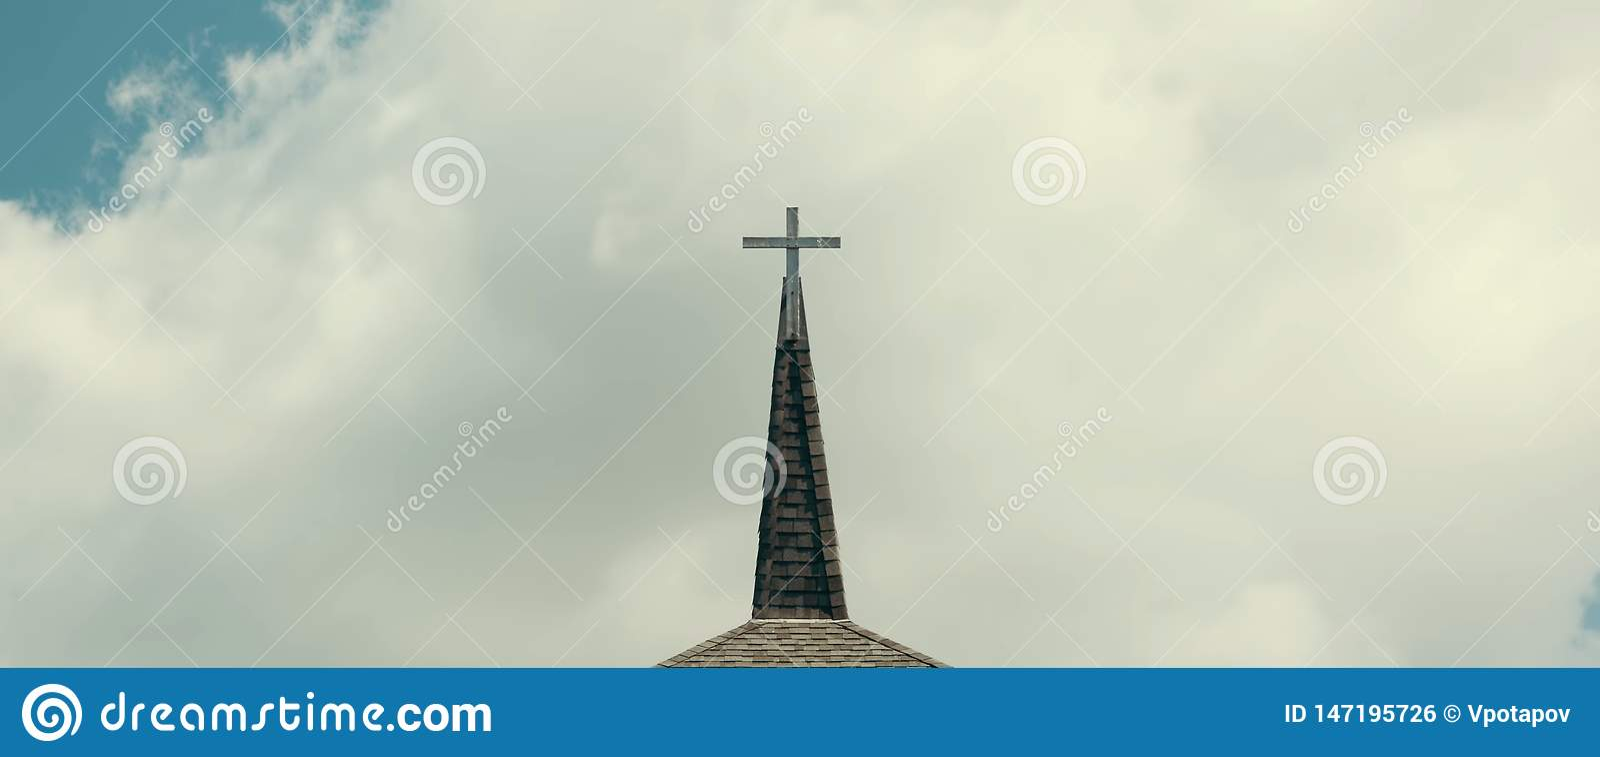 Cruz contra el cielo nublado